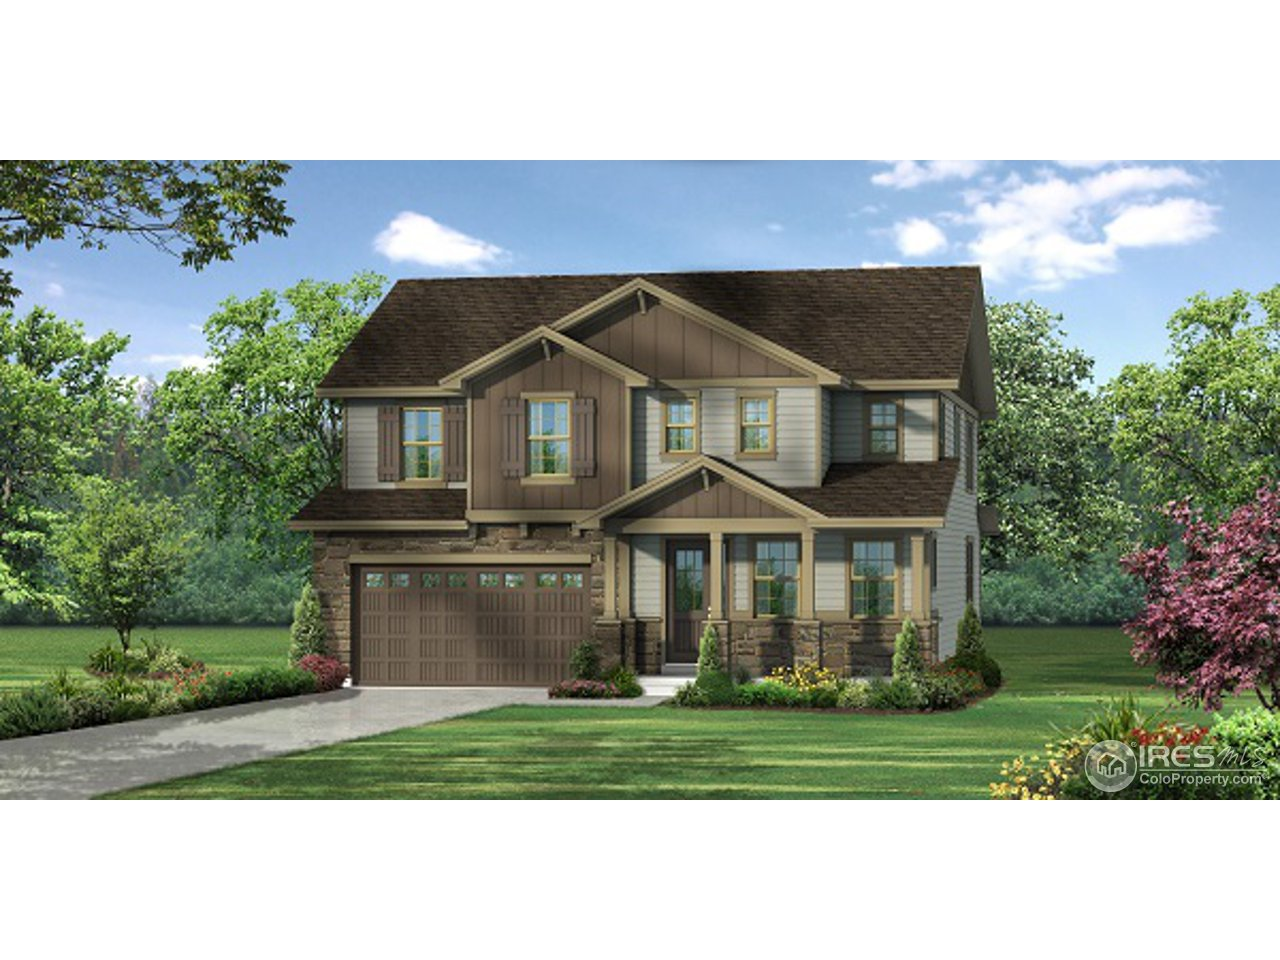 2432 Adobe Dr, Fort Collins CO 80525